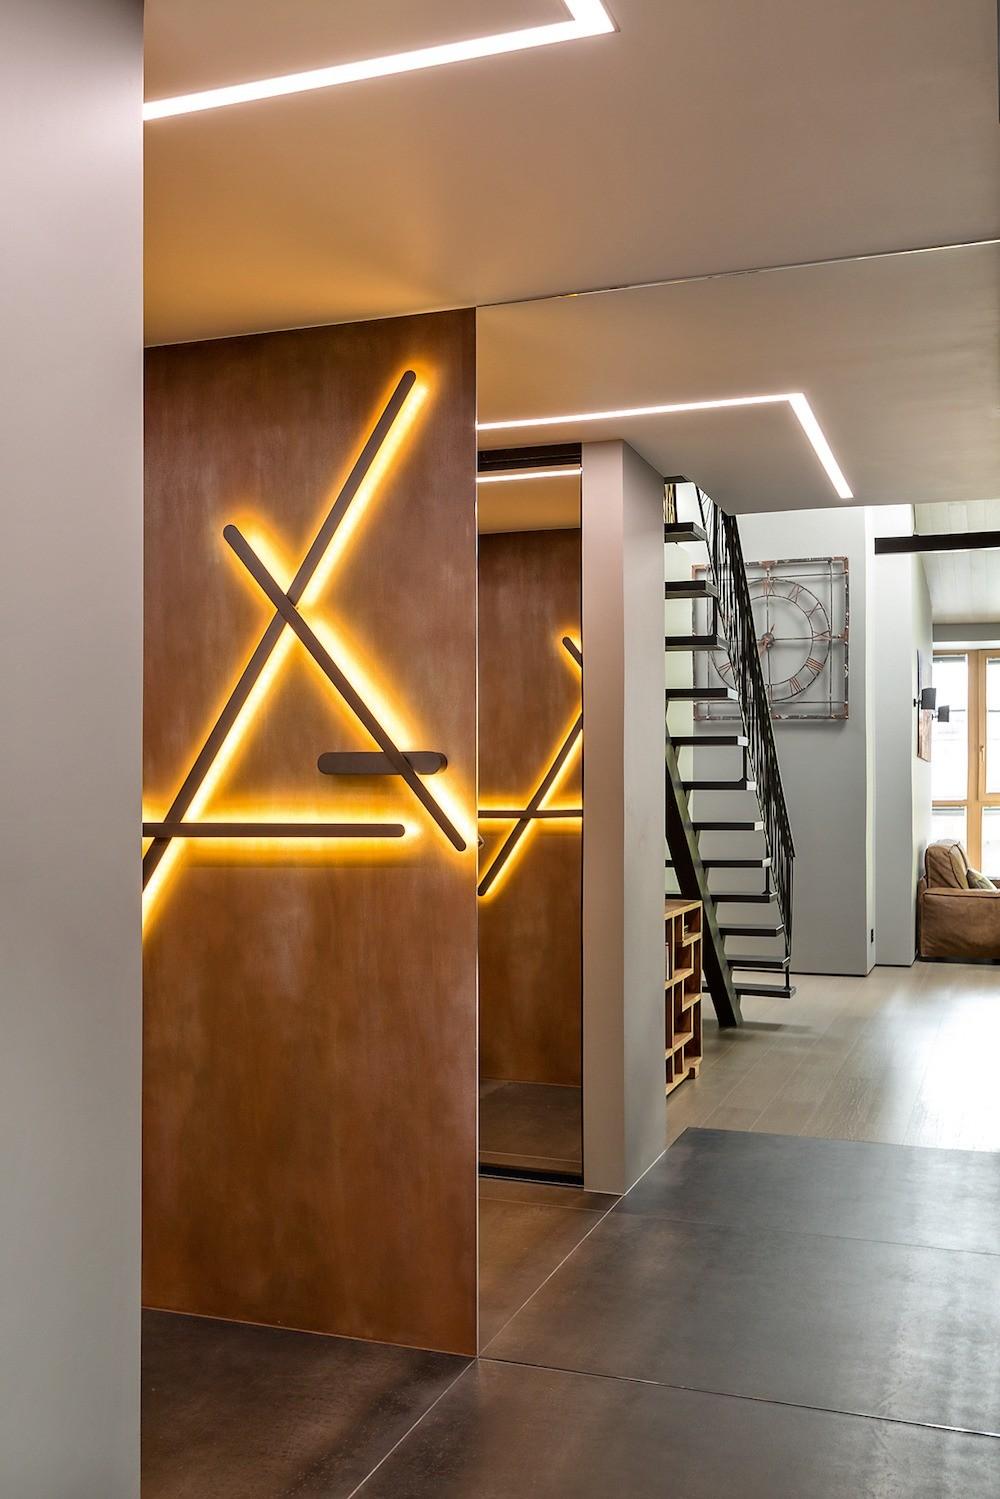 В проходных зонах с невысокими потолками освещение обеспечивают встроенные линейные светильники в алюминиевых корпусах. Оригинальный  настенный светильник выглядит как арт-объект.